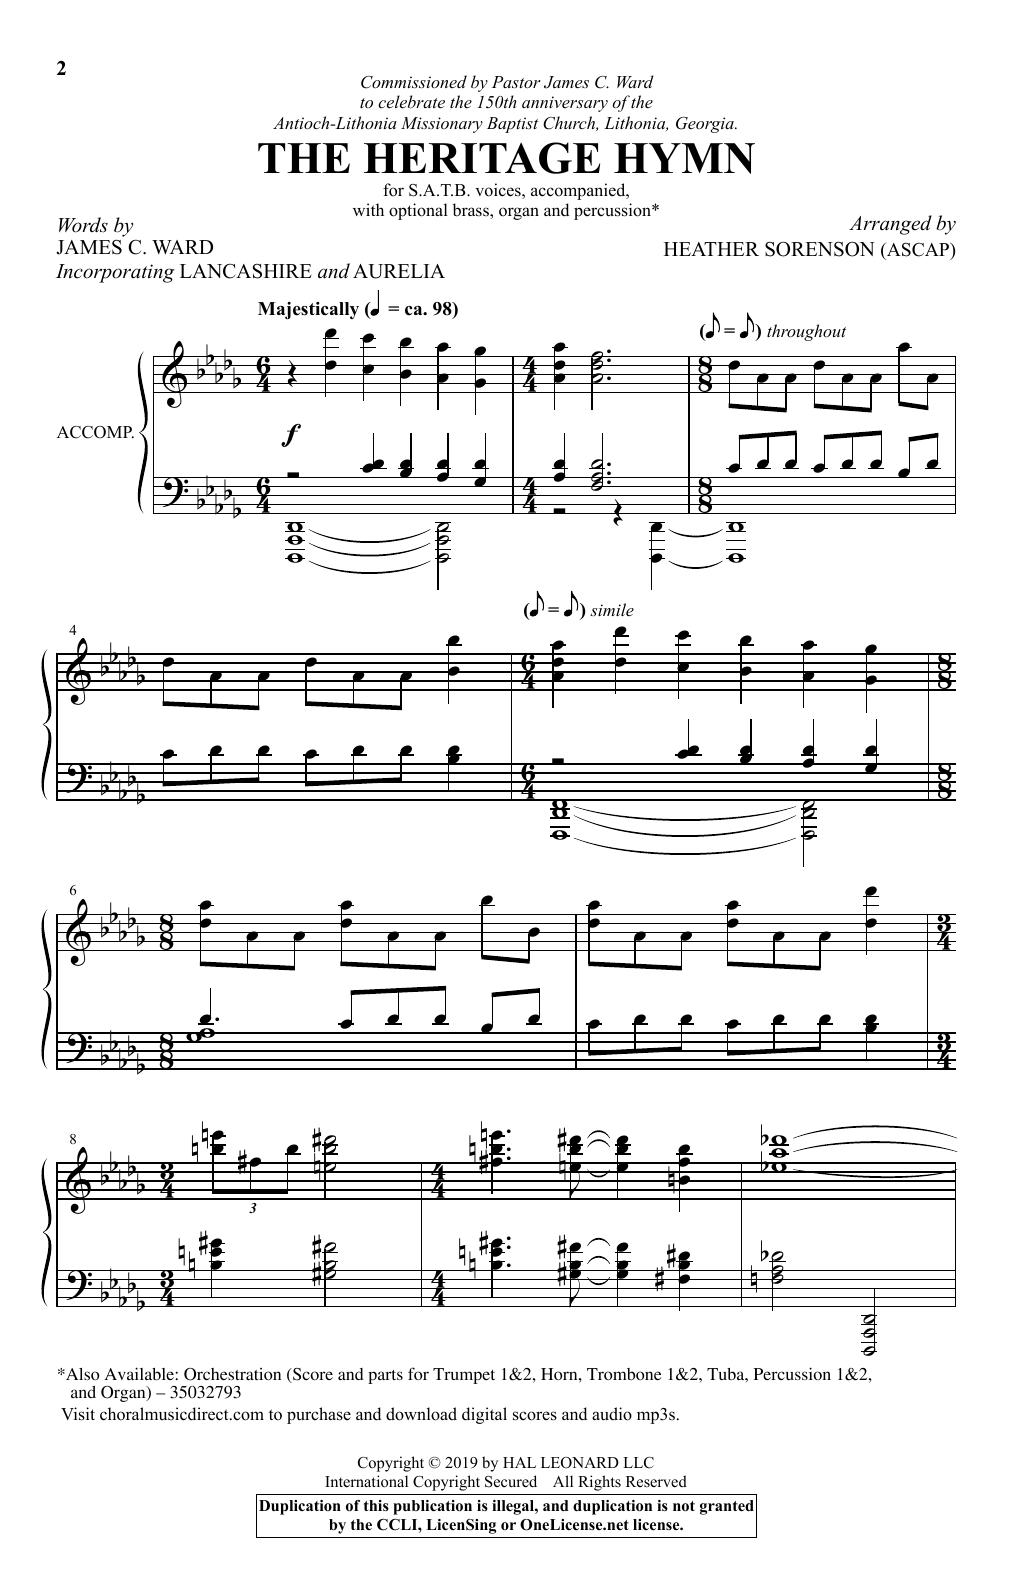 The Heritage Hymn (arr. Heather Sorenson) (SATB Choir)